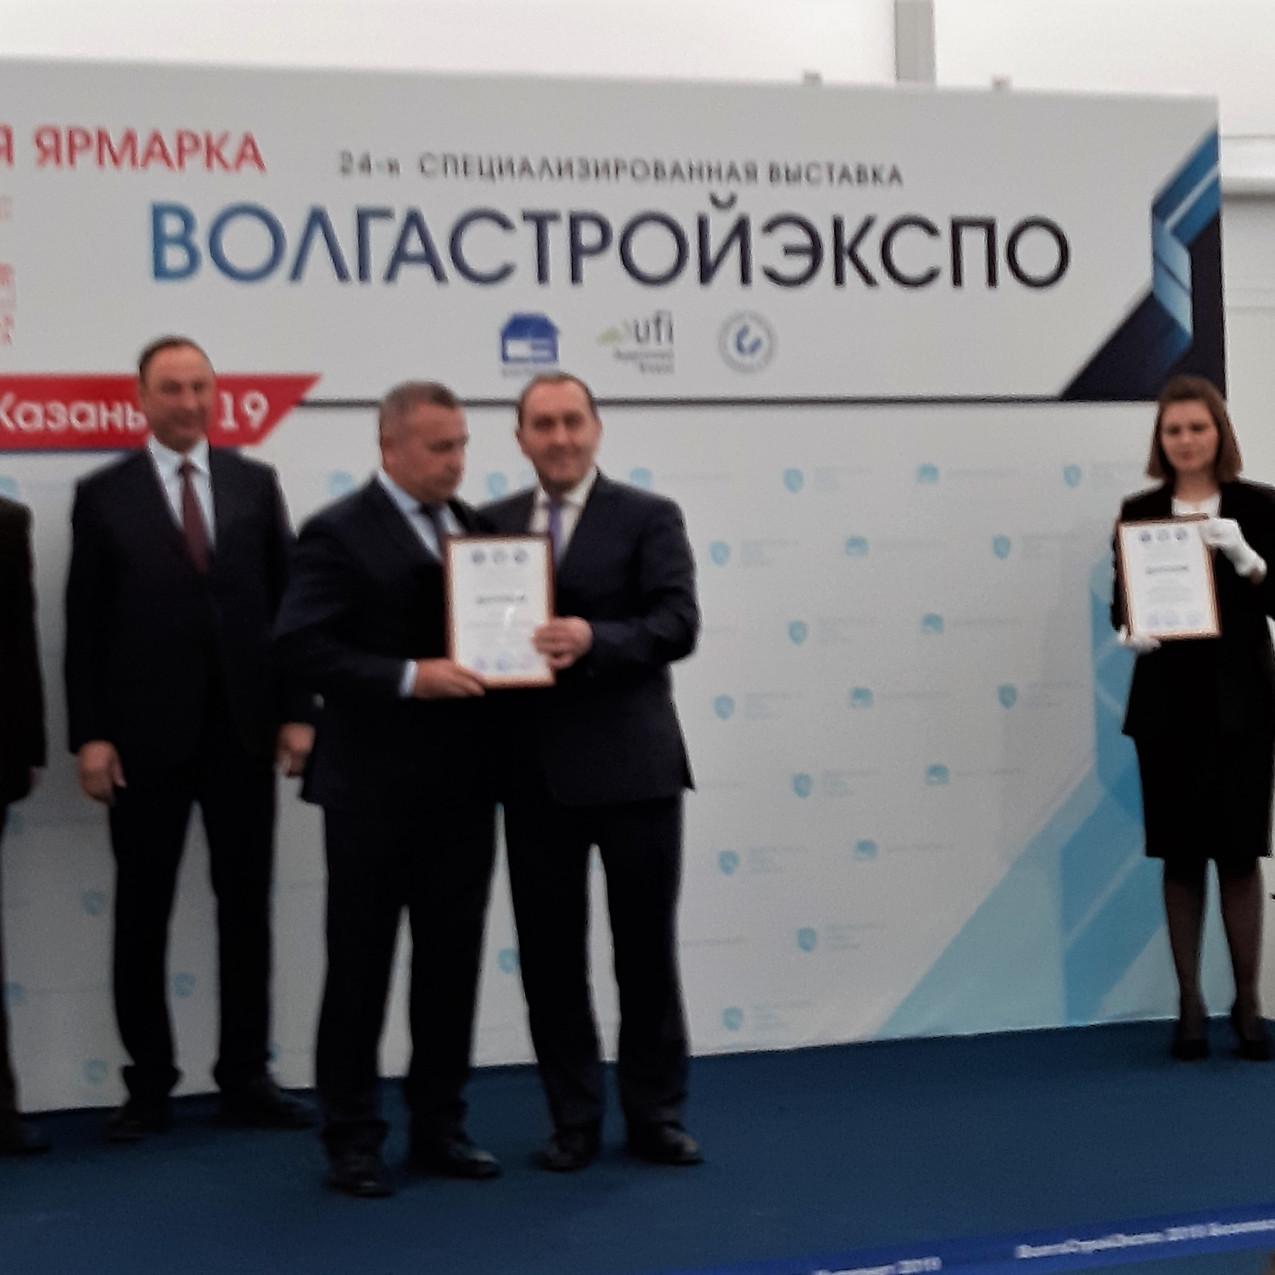 Волгастройэкспо 2019 (7)